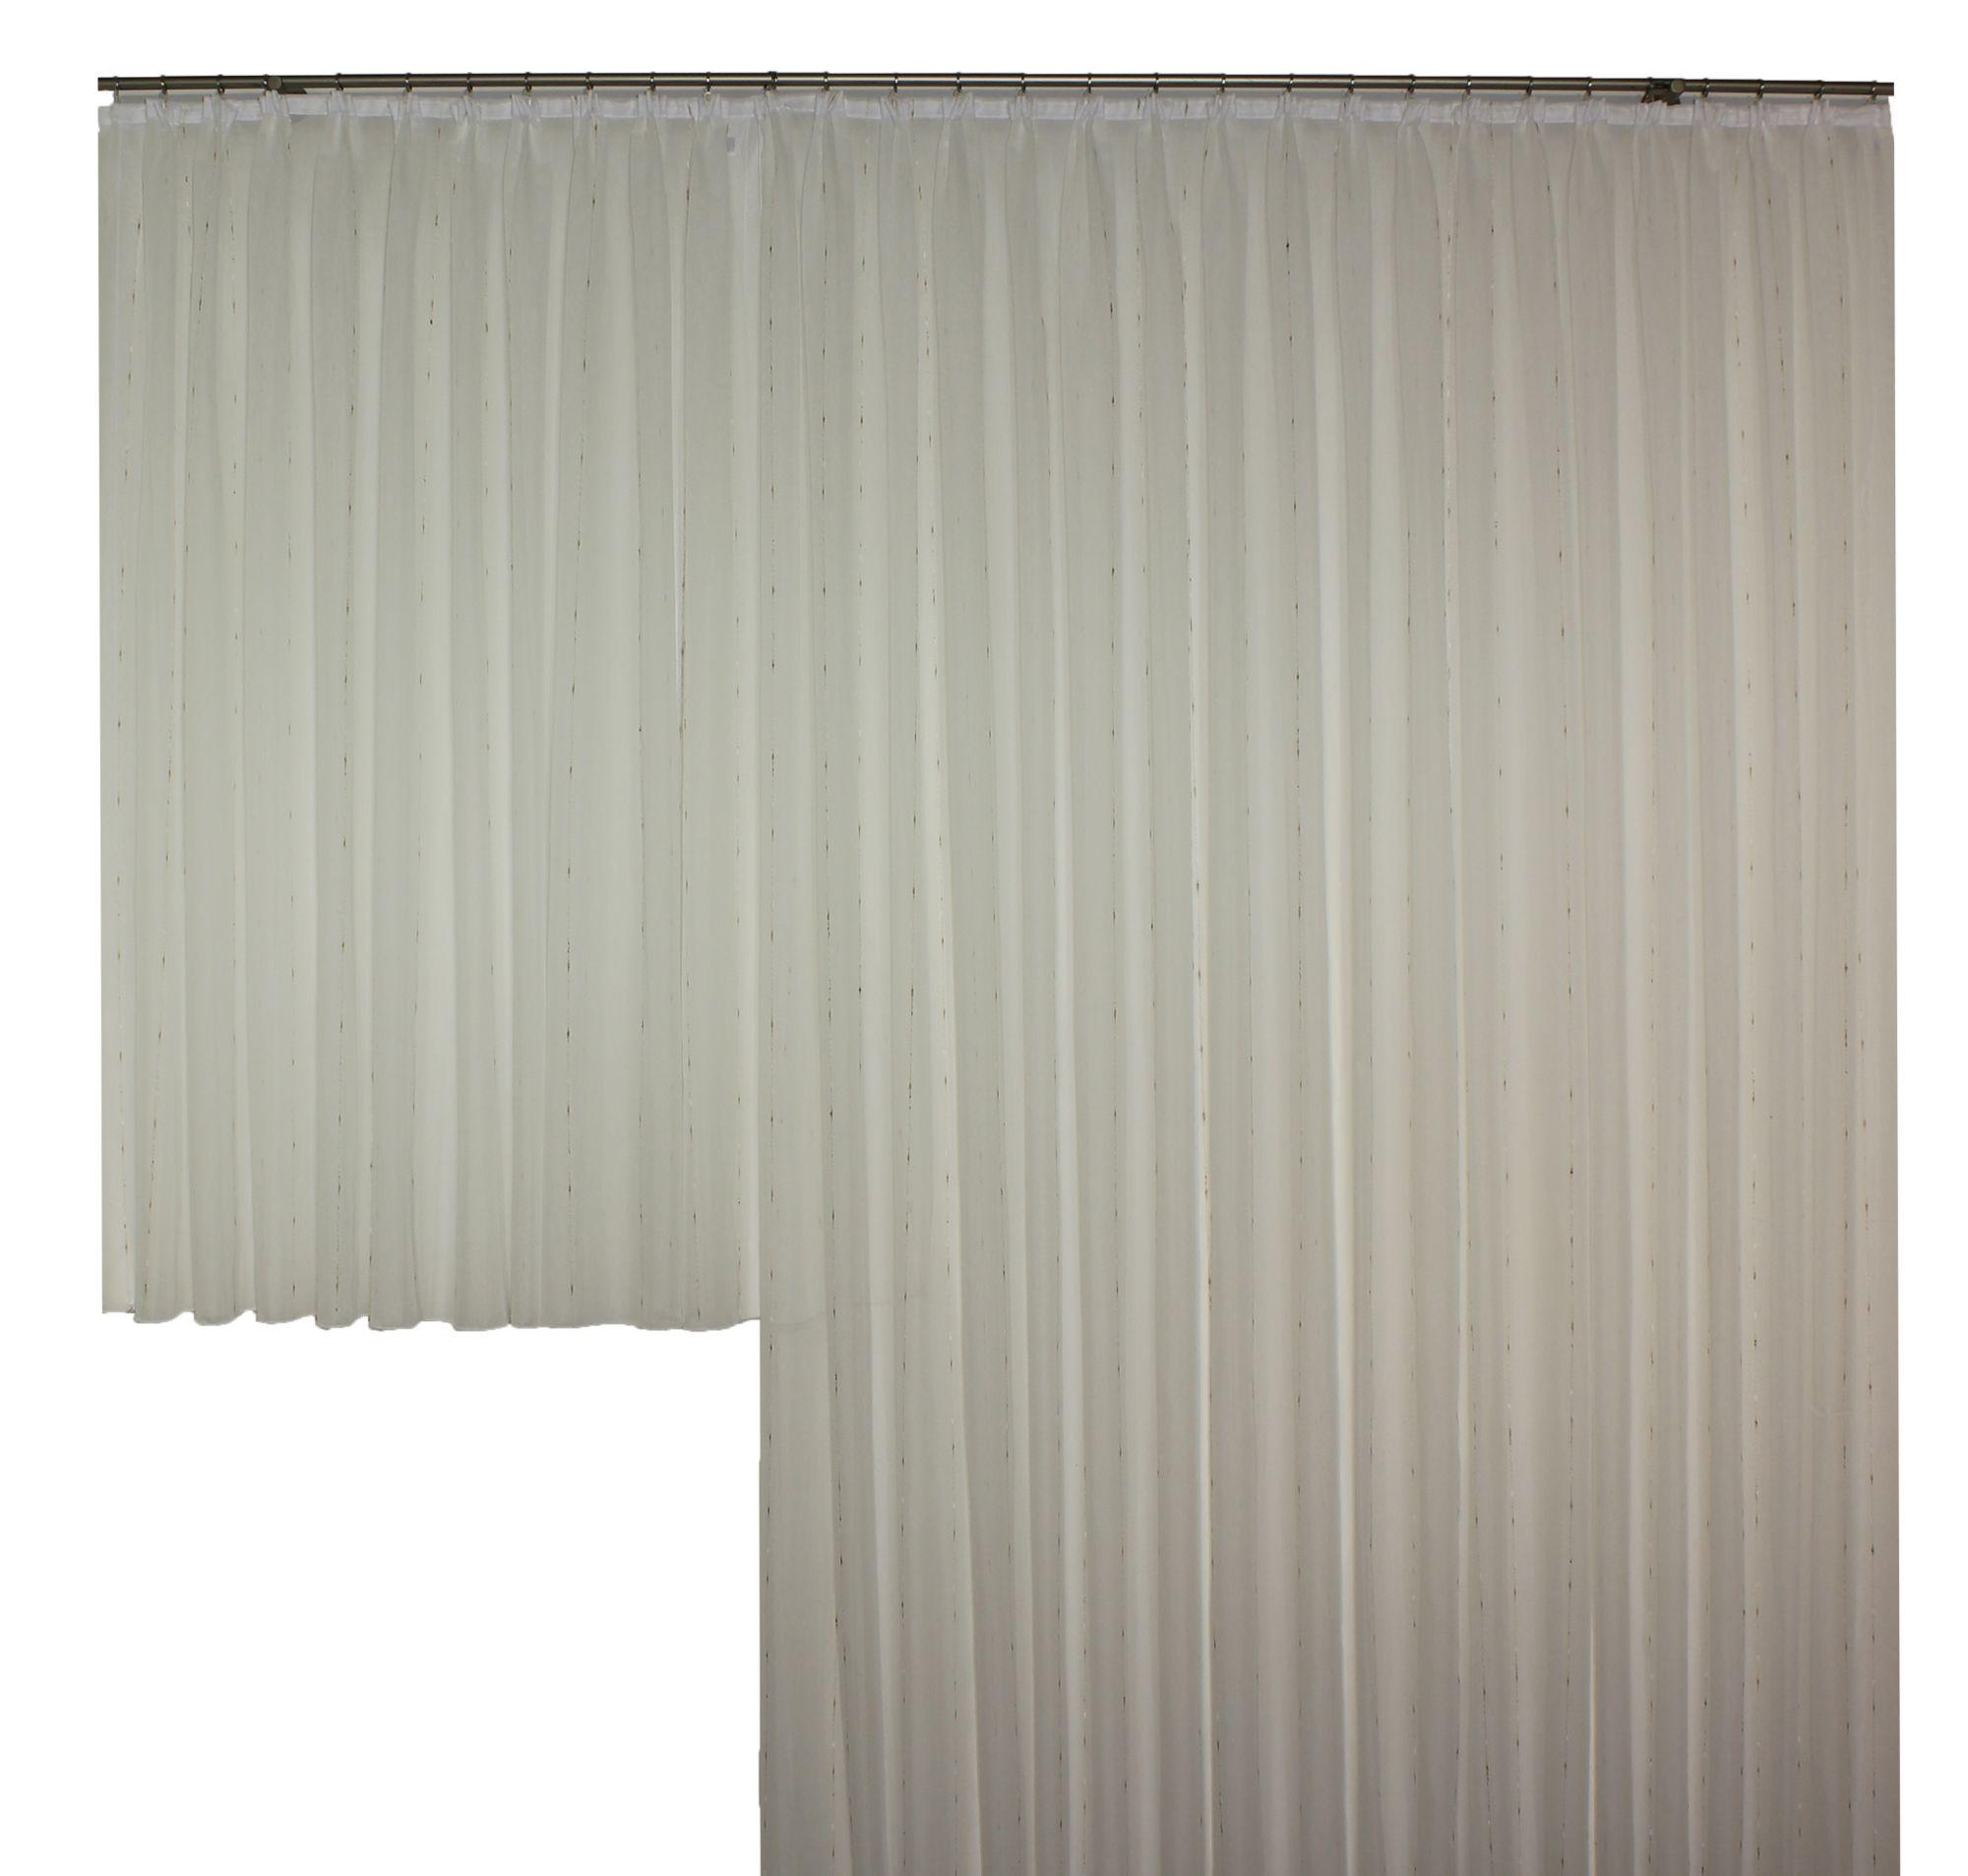 gardinen faltenband g nstig online kaufen beim schwab versand. Black Bedroom Furniture Sets. Home Design Ideas